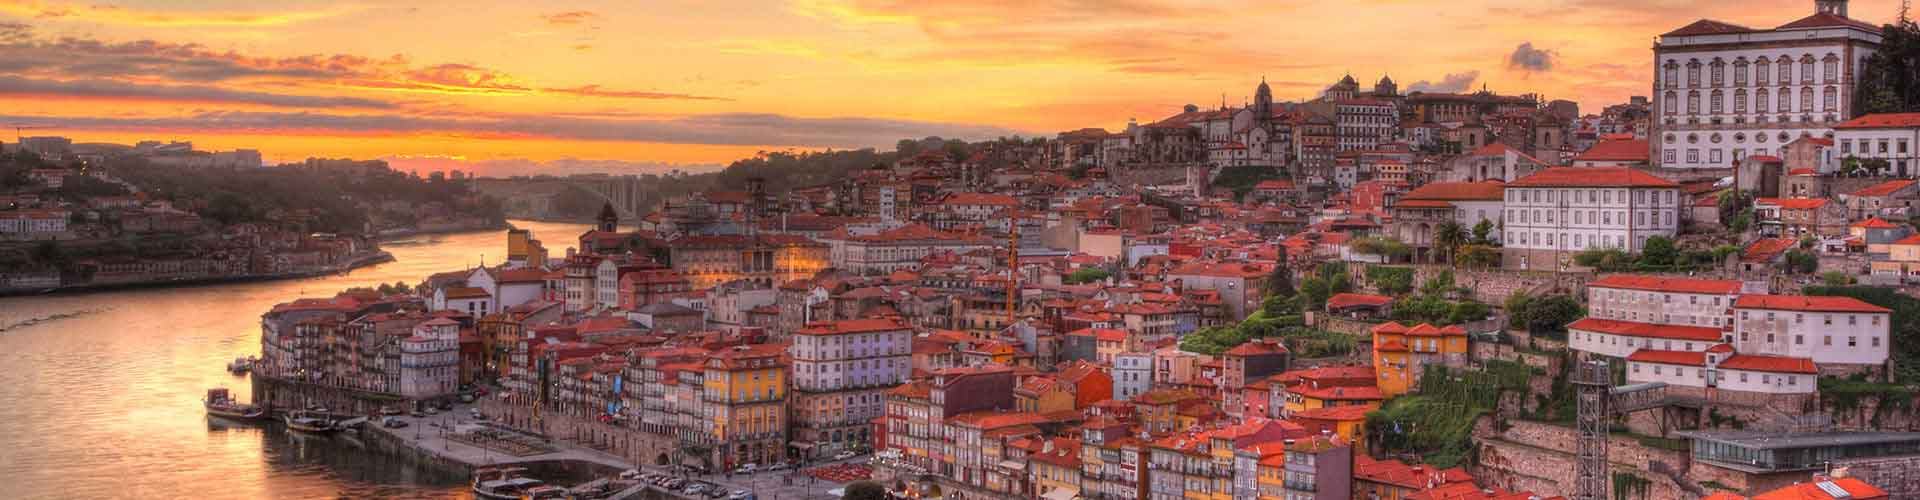 Porto - Auberges de jeunesse près de Tour des Clercs. Cartes pour Porto, photos et commentaires pour chaque auberge de jeunesse à Porto.